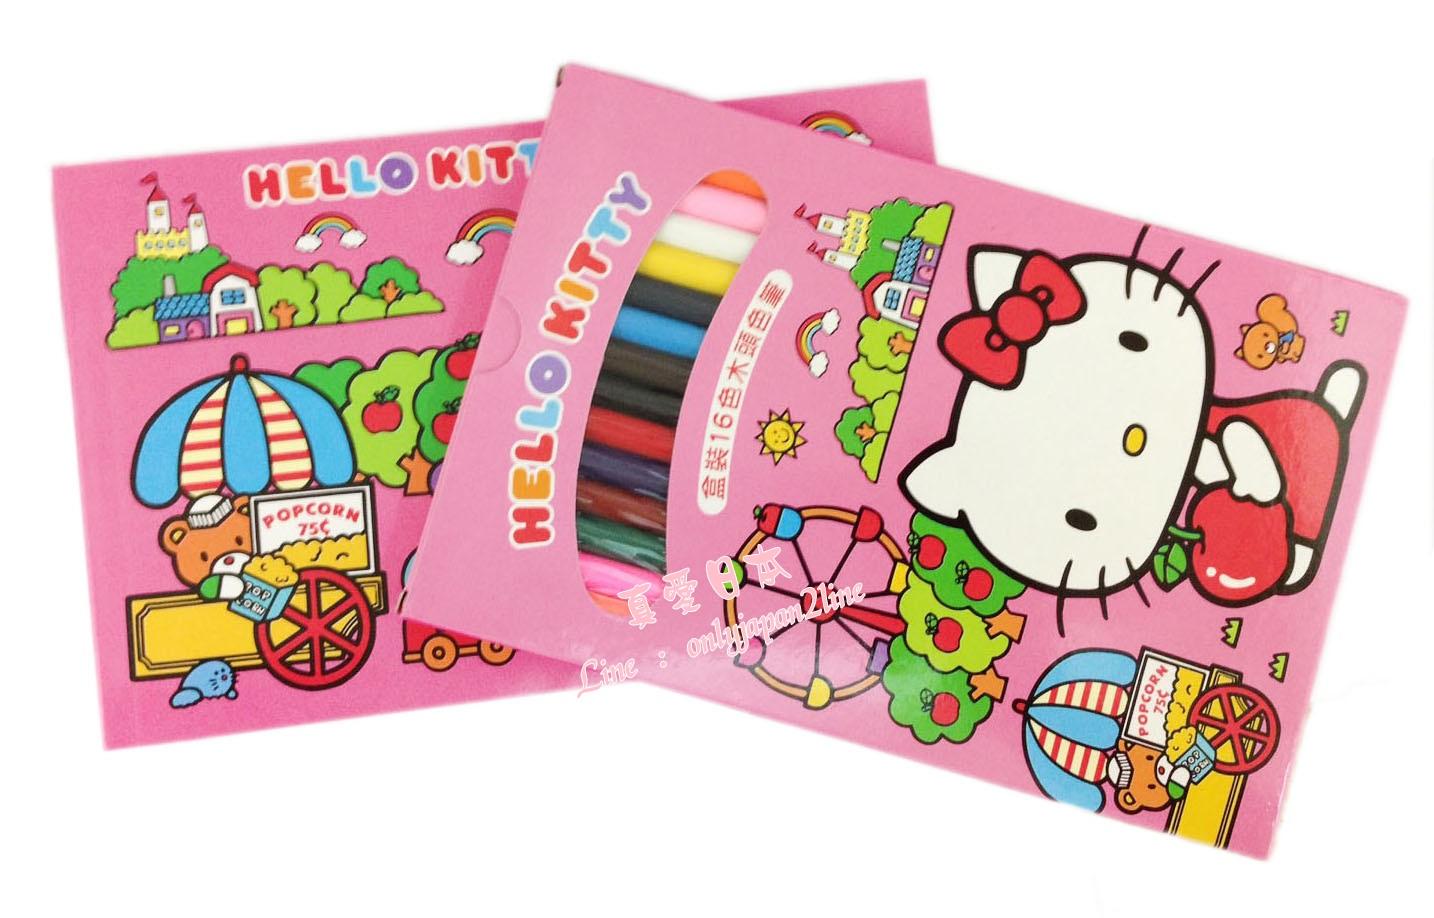 【真愛日本】16081600017畫畫文具禮盒-抱蘋果粉   三麗鷗 Hello Kitty 凱蒂貓  文具組 文具用品